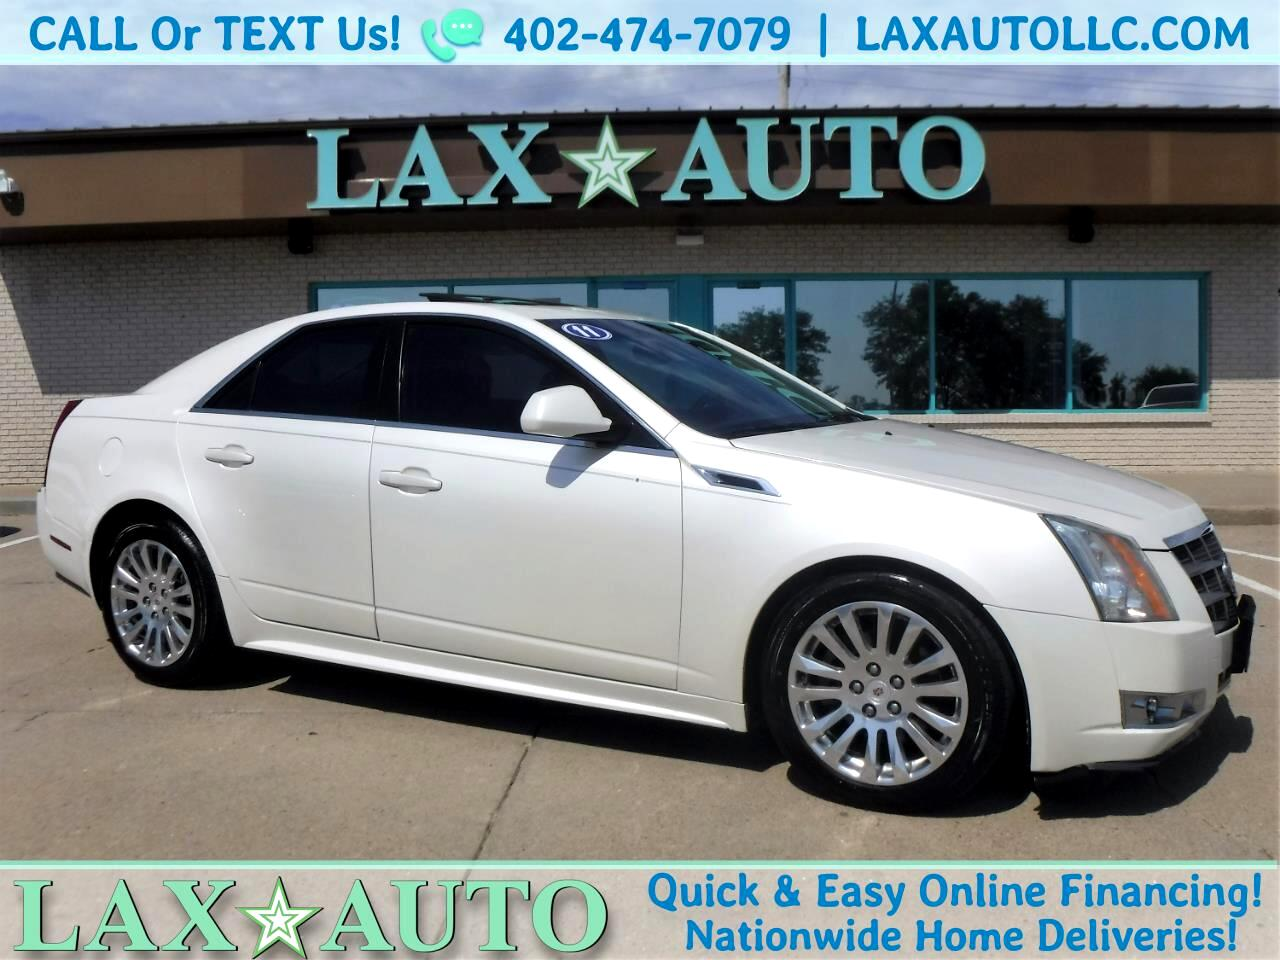 2011 Cadillac CTS 3.6L Premium w/ Navi * 81k Miles *